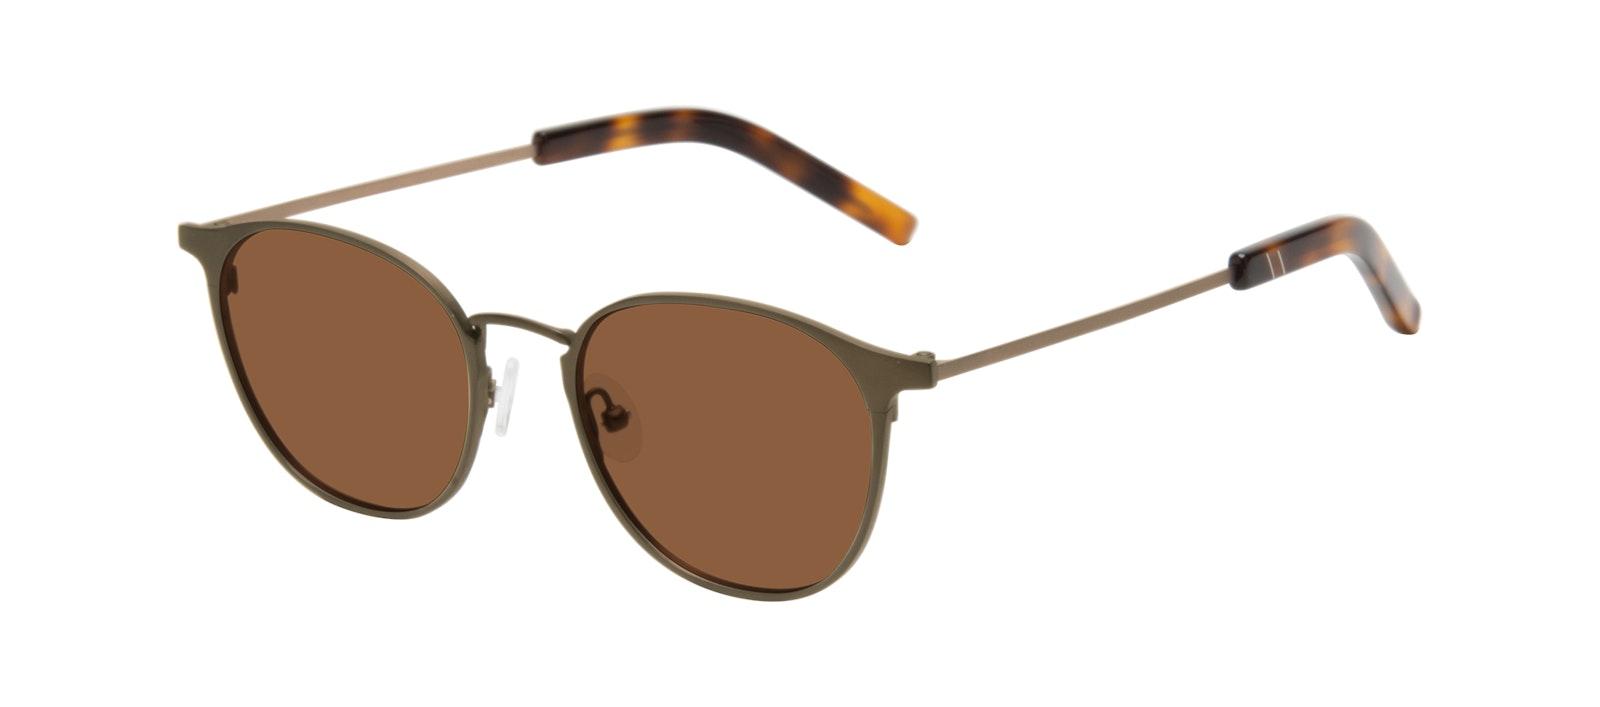 Affordable Fashion Glasses Round Sunglasses Men Point Khaki Tilt